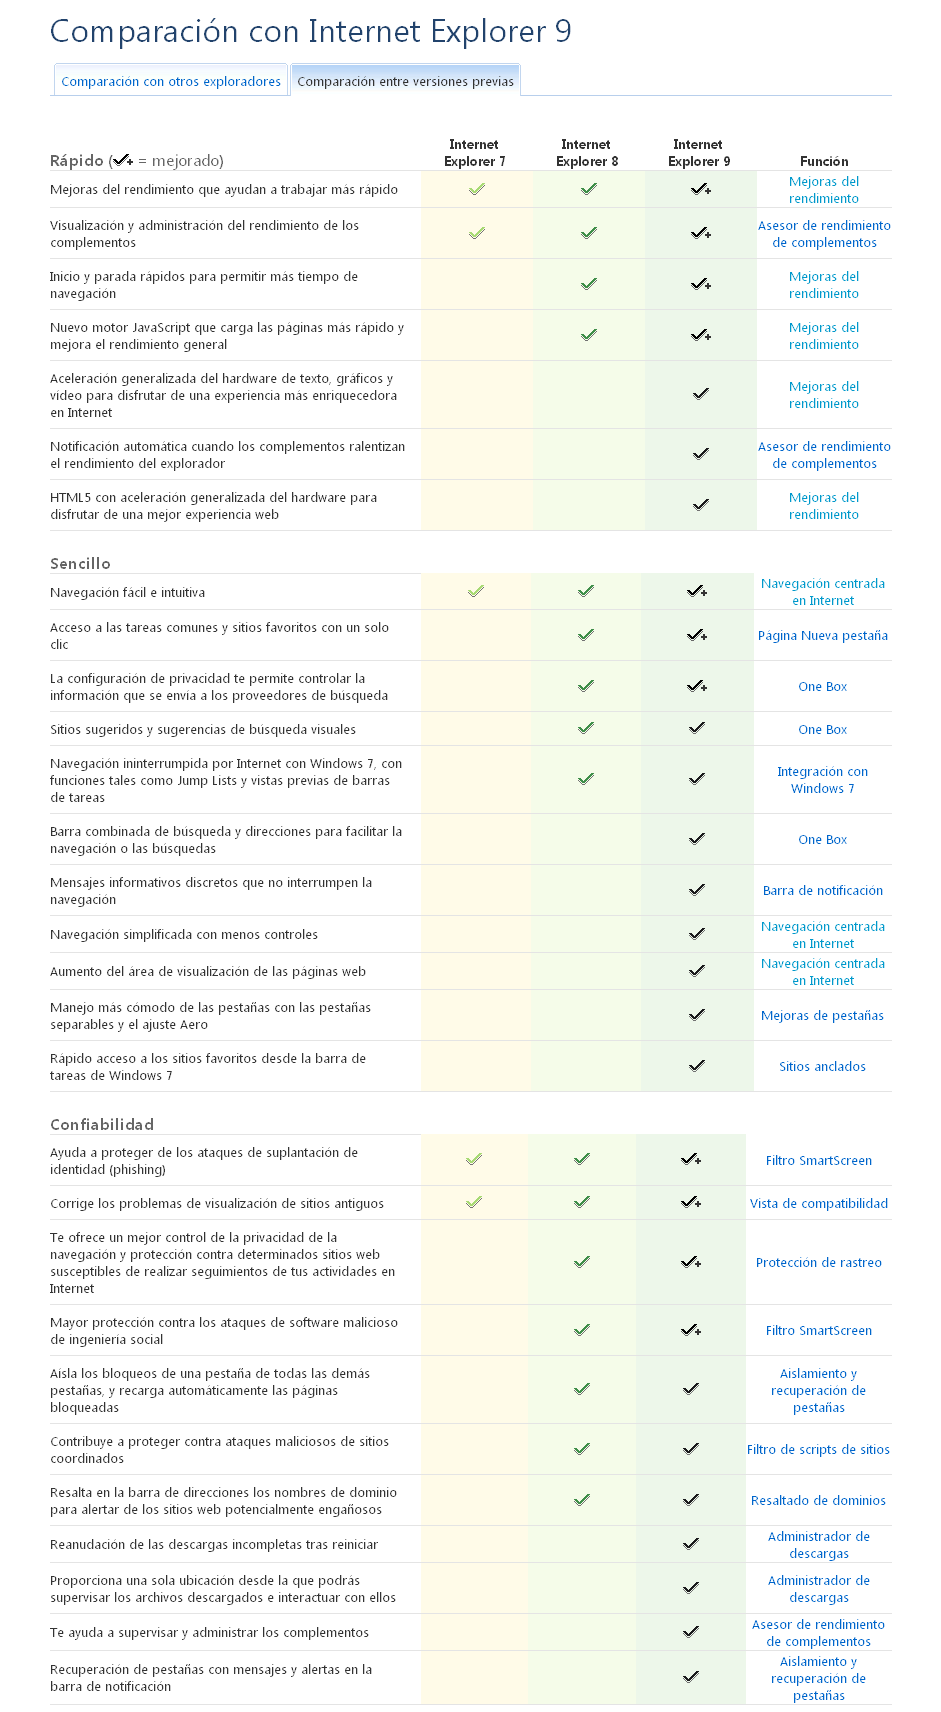 Captura de pantalla: Comparación con Internet Explorer 9 - http://windows.microsoft.com/es-ES/internet-explorer/products/ie-9/compare-browsers